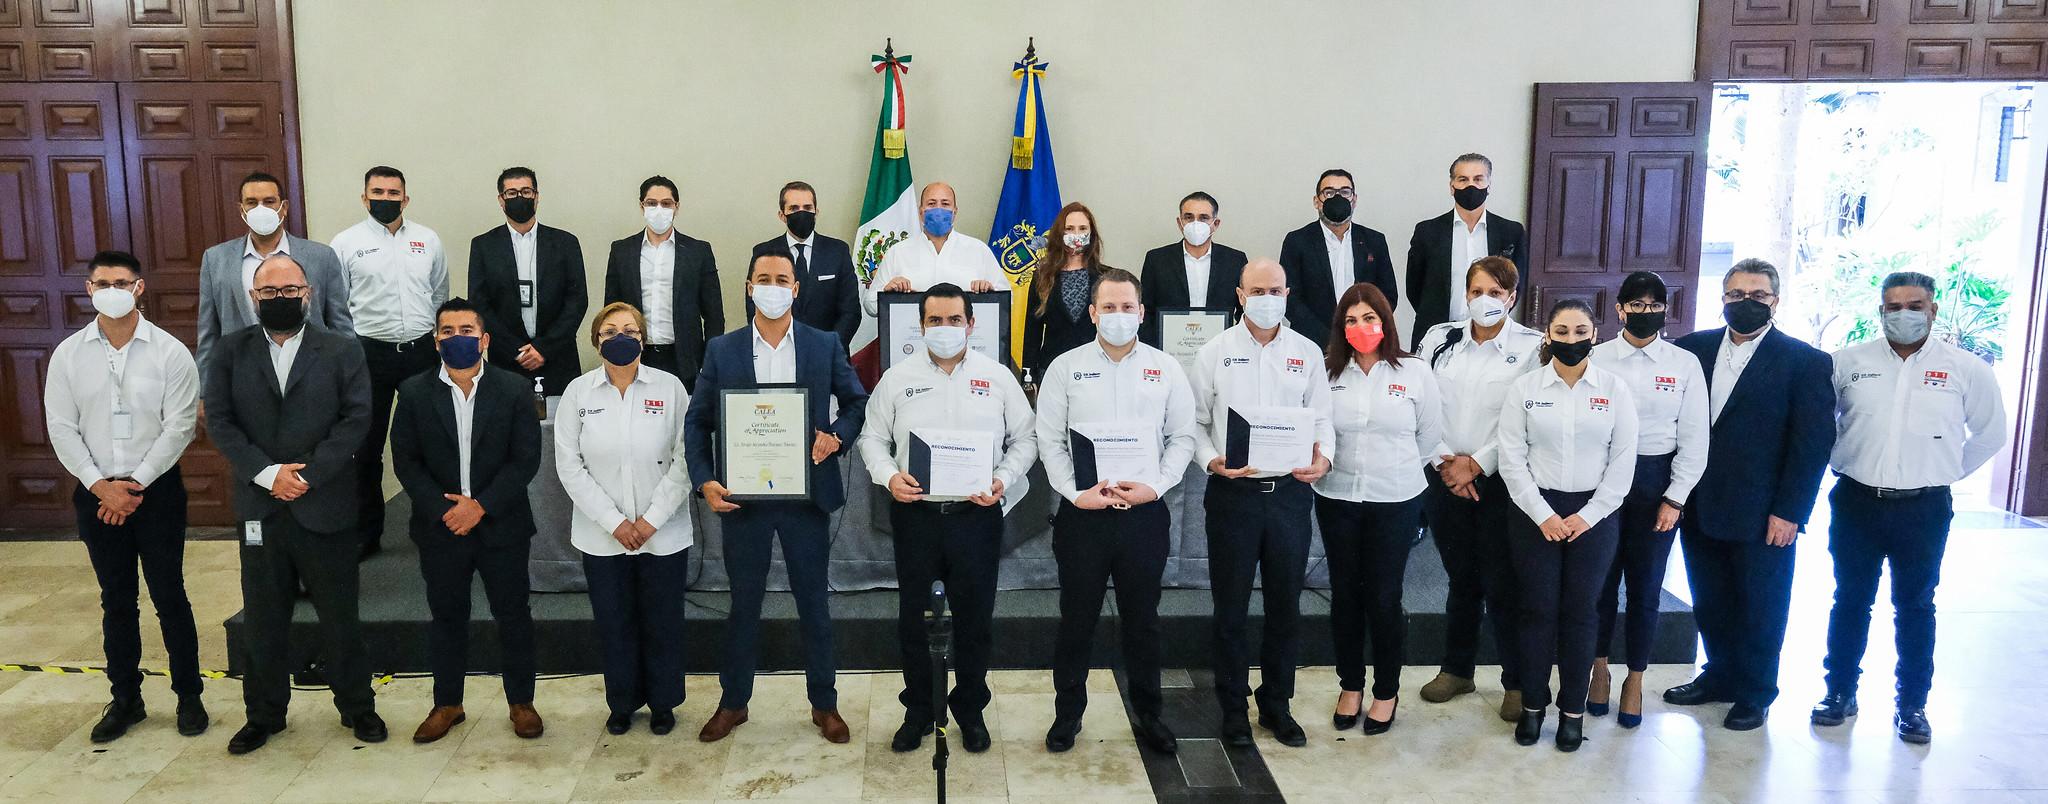 Encabeza Enrique Alfaro acto de certificación internacional de CALEA al Centro Escudo Urbano C5